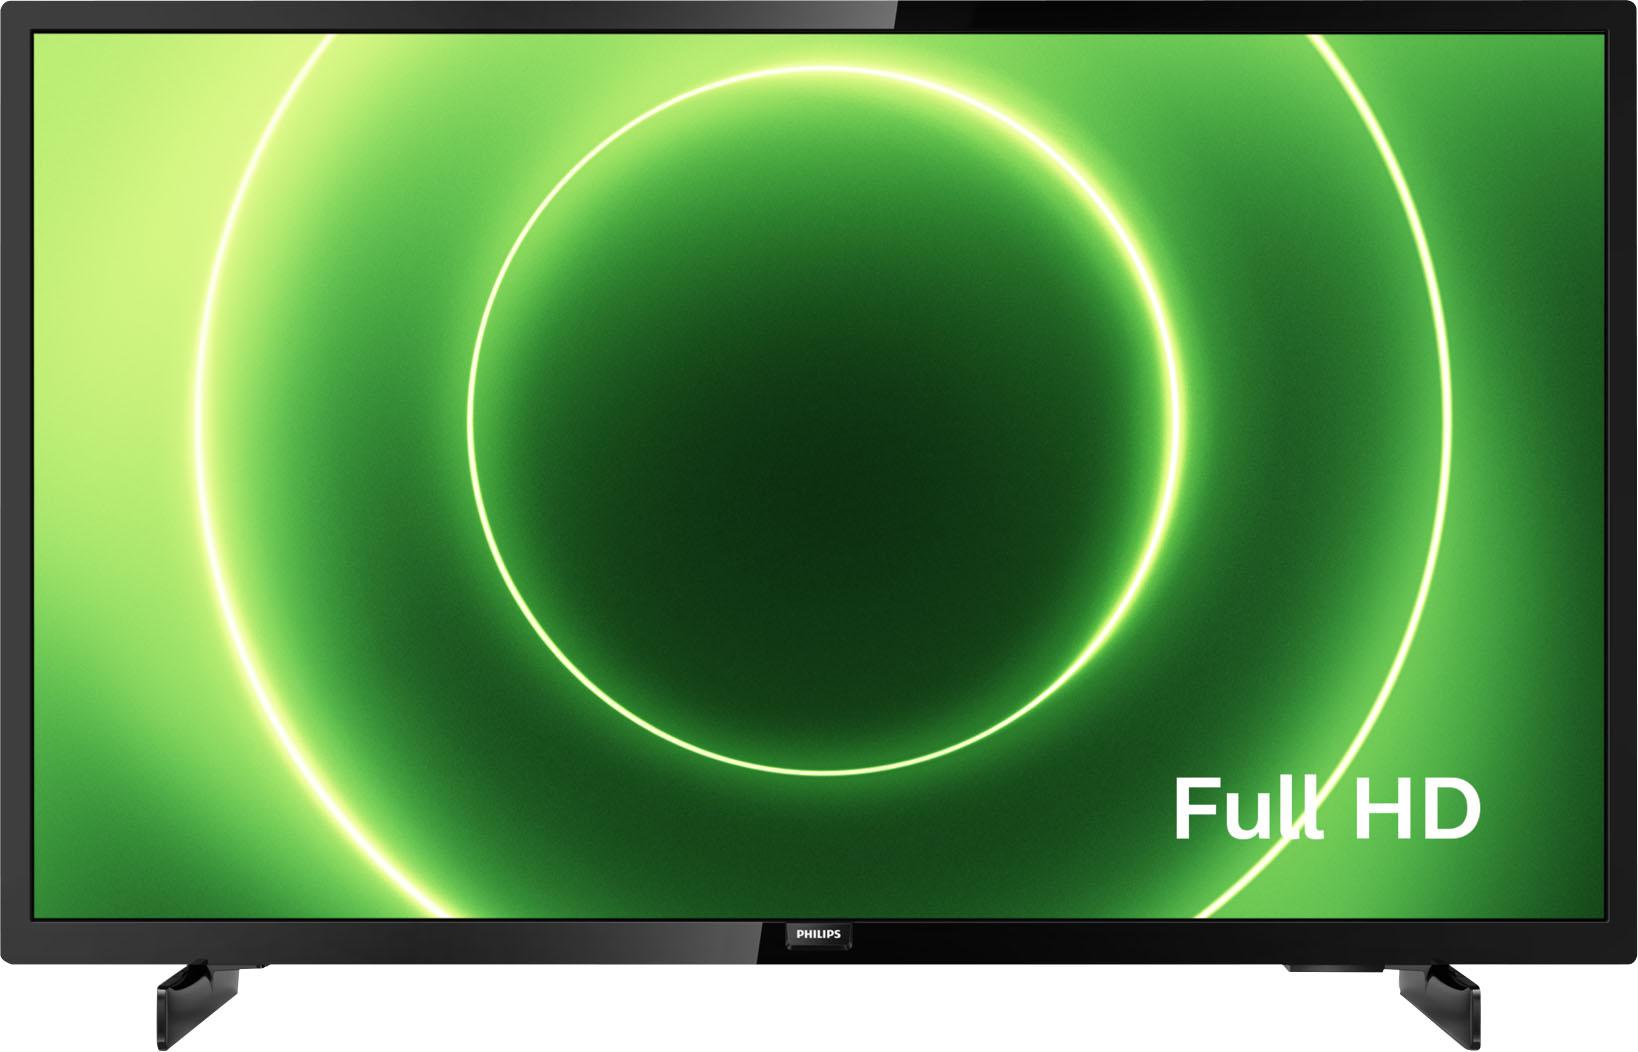 Philips LED-Fernseher 32PFS6805 12 , 80 cm 32 , Full HD, Smart-TV